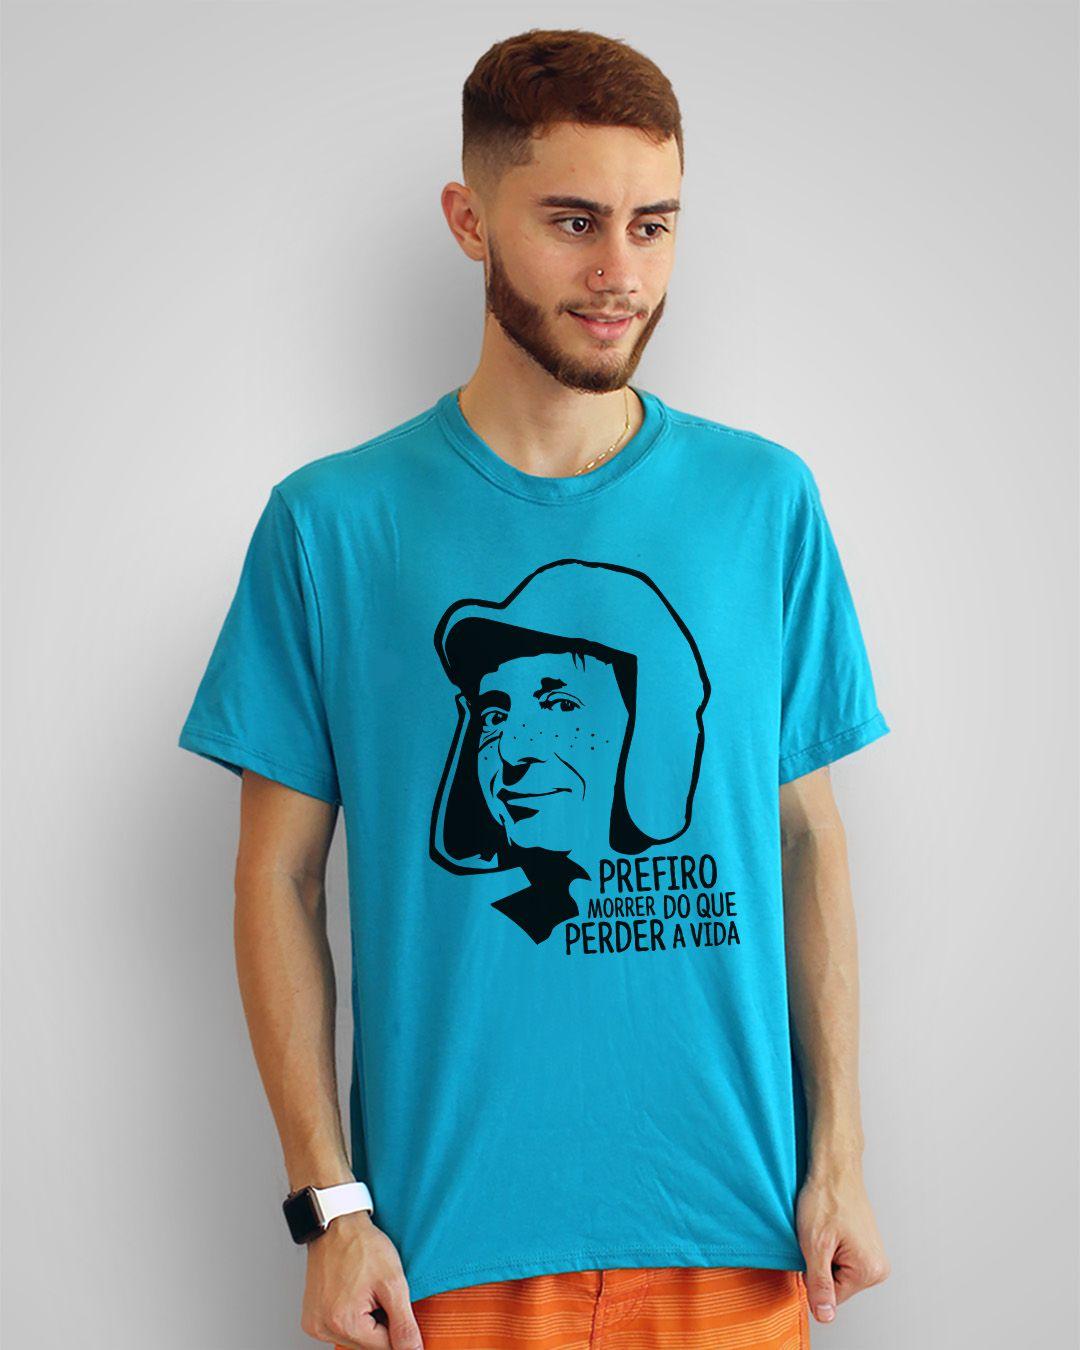 Camiseta Prefiro morrer do que perder a vida - Chaves